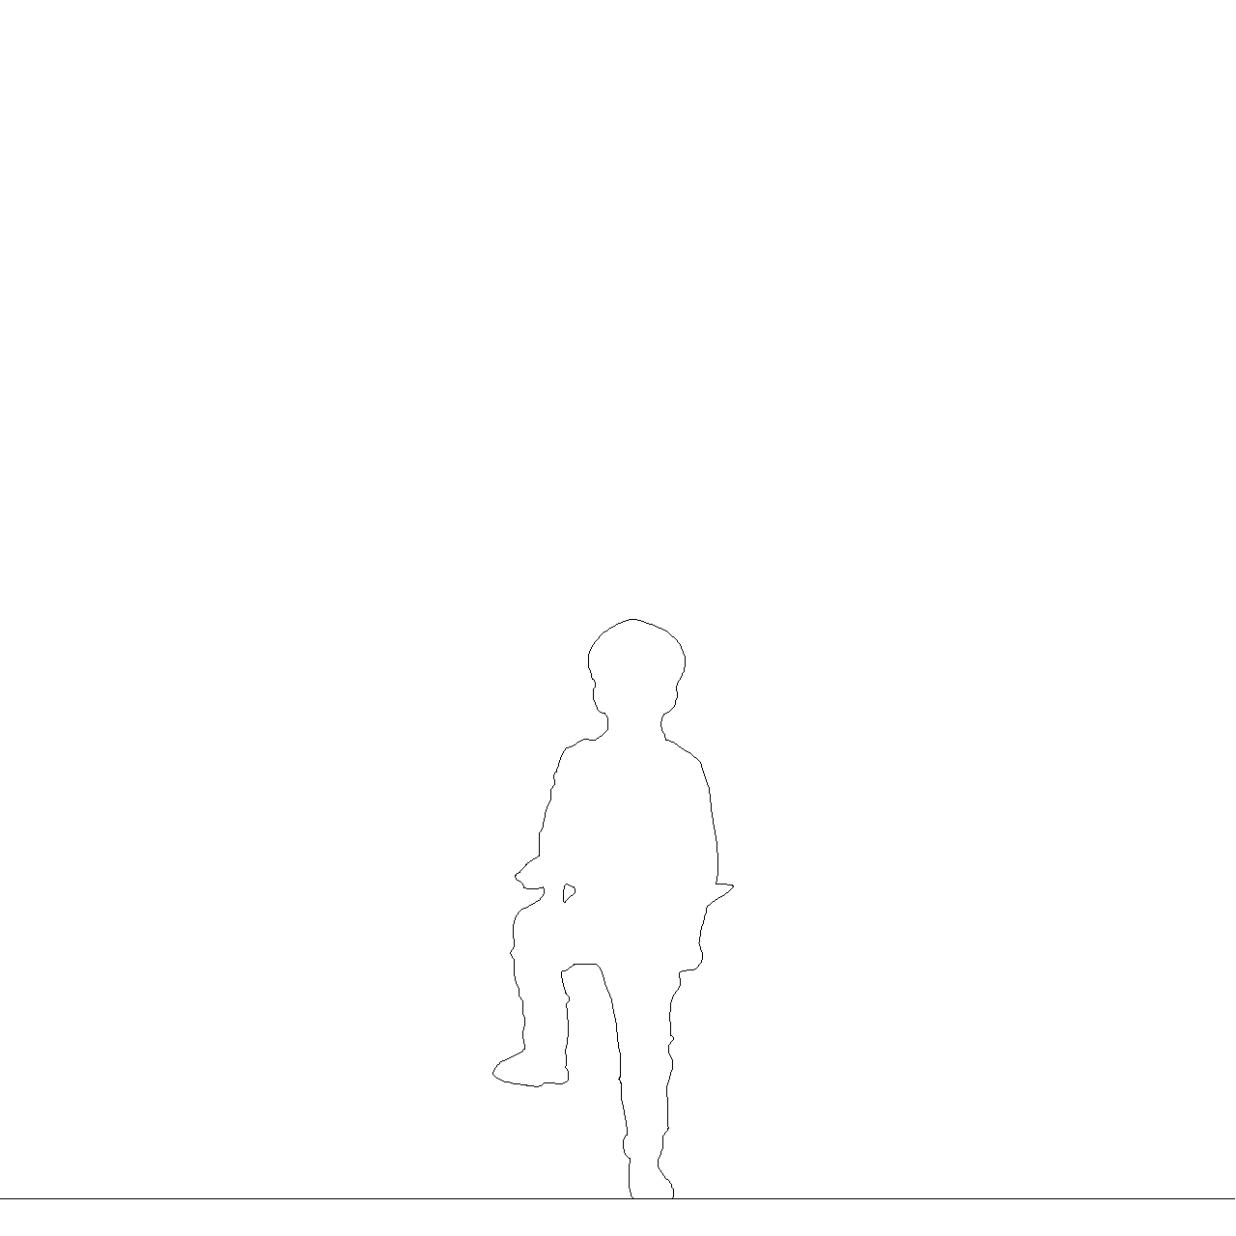 右足を台に乗せて立つ マリンキャップをかぶった男の子丨シルエット 人間 子供丨無料 商用可能 フリー素材 フリーデータ AUTOCAD DWG DXF